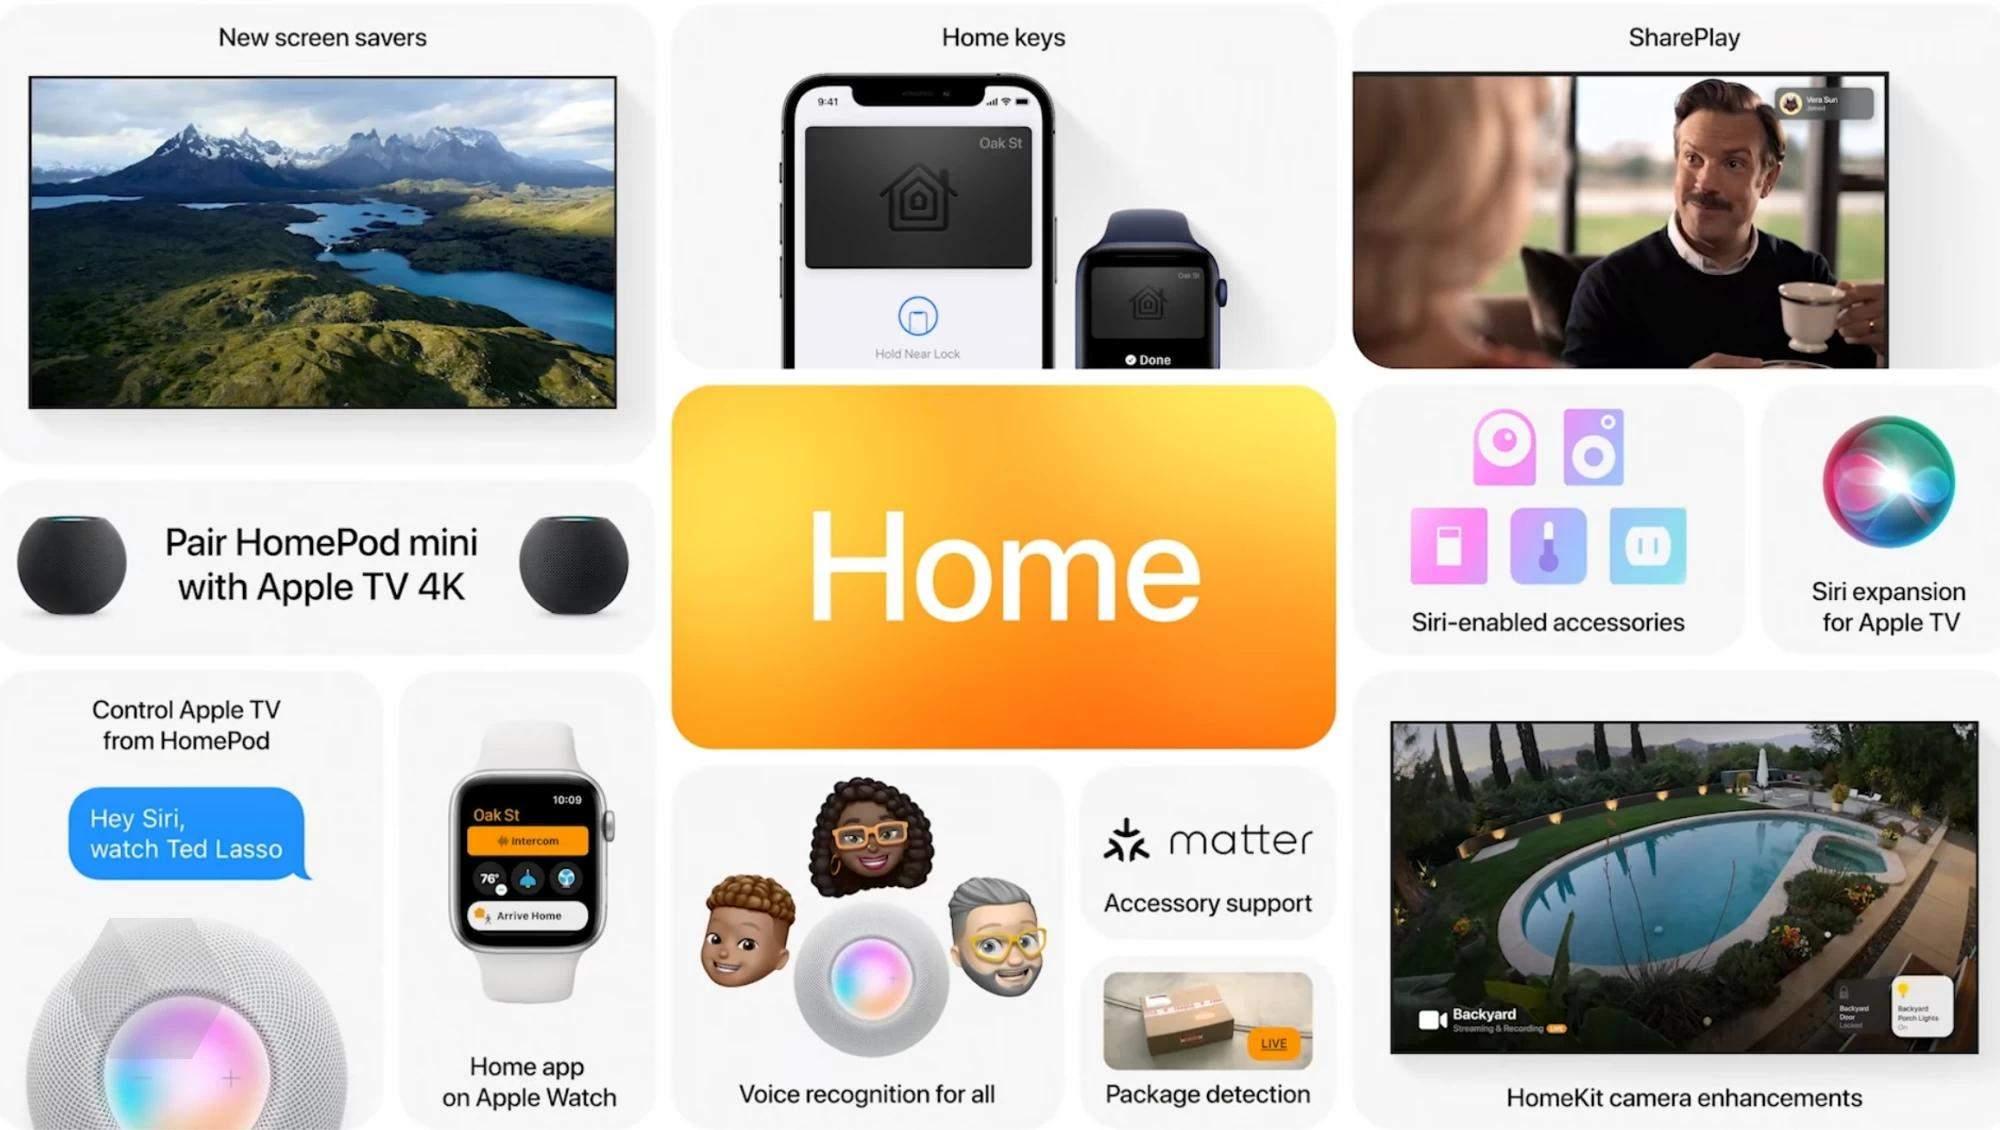 Оновлення системи HomeKit, яка тепер називається просто Home